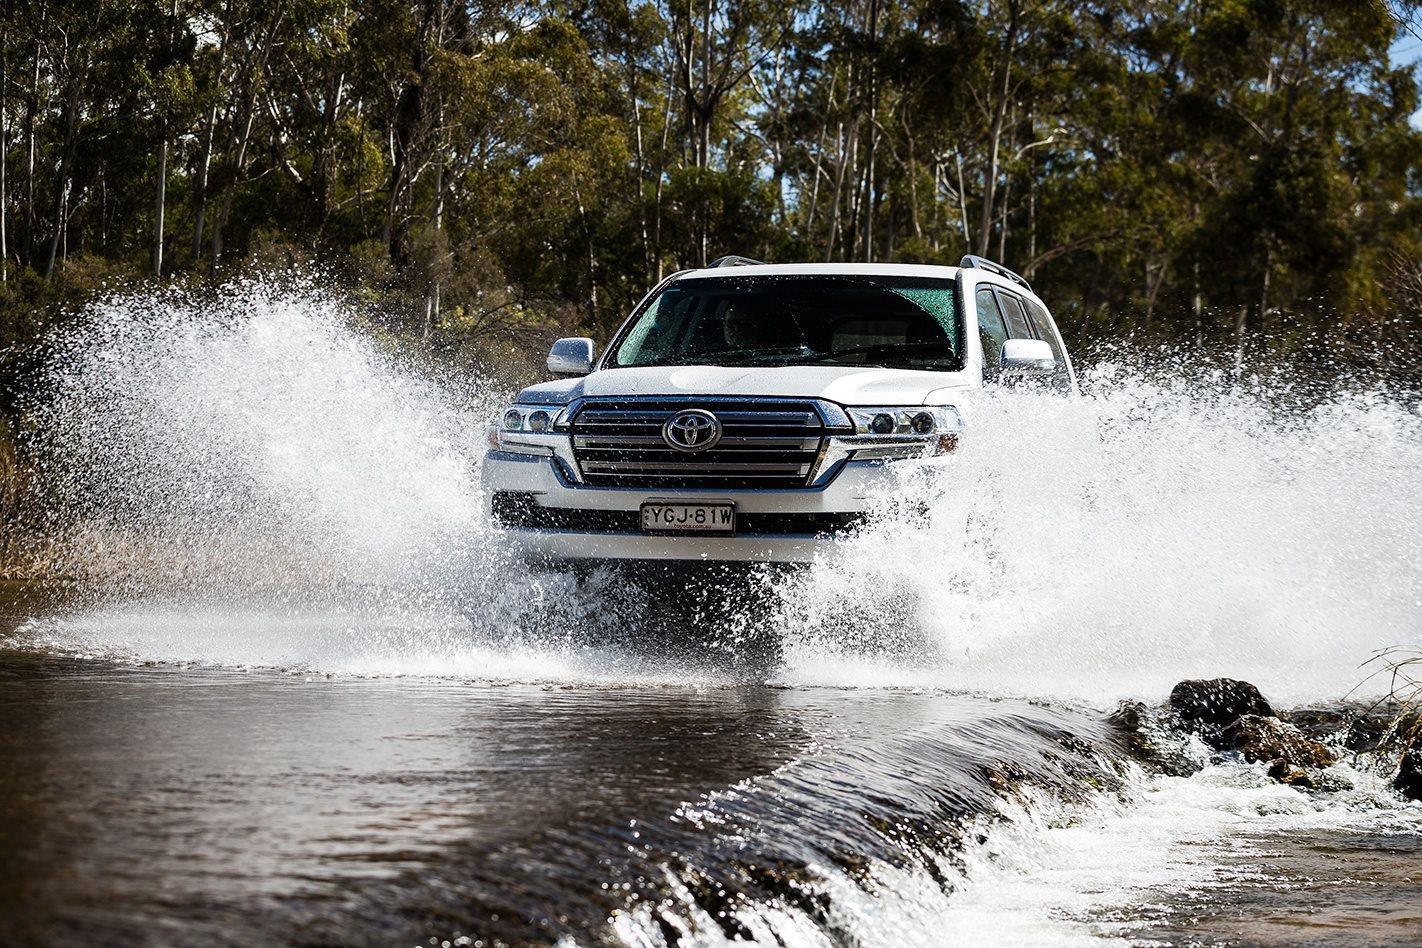 2017 Toyota LandCruiser Prado water.jpg